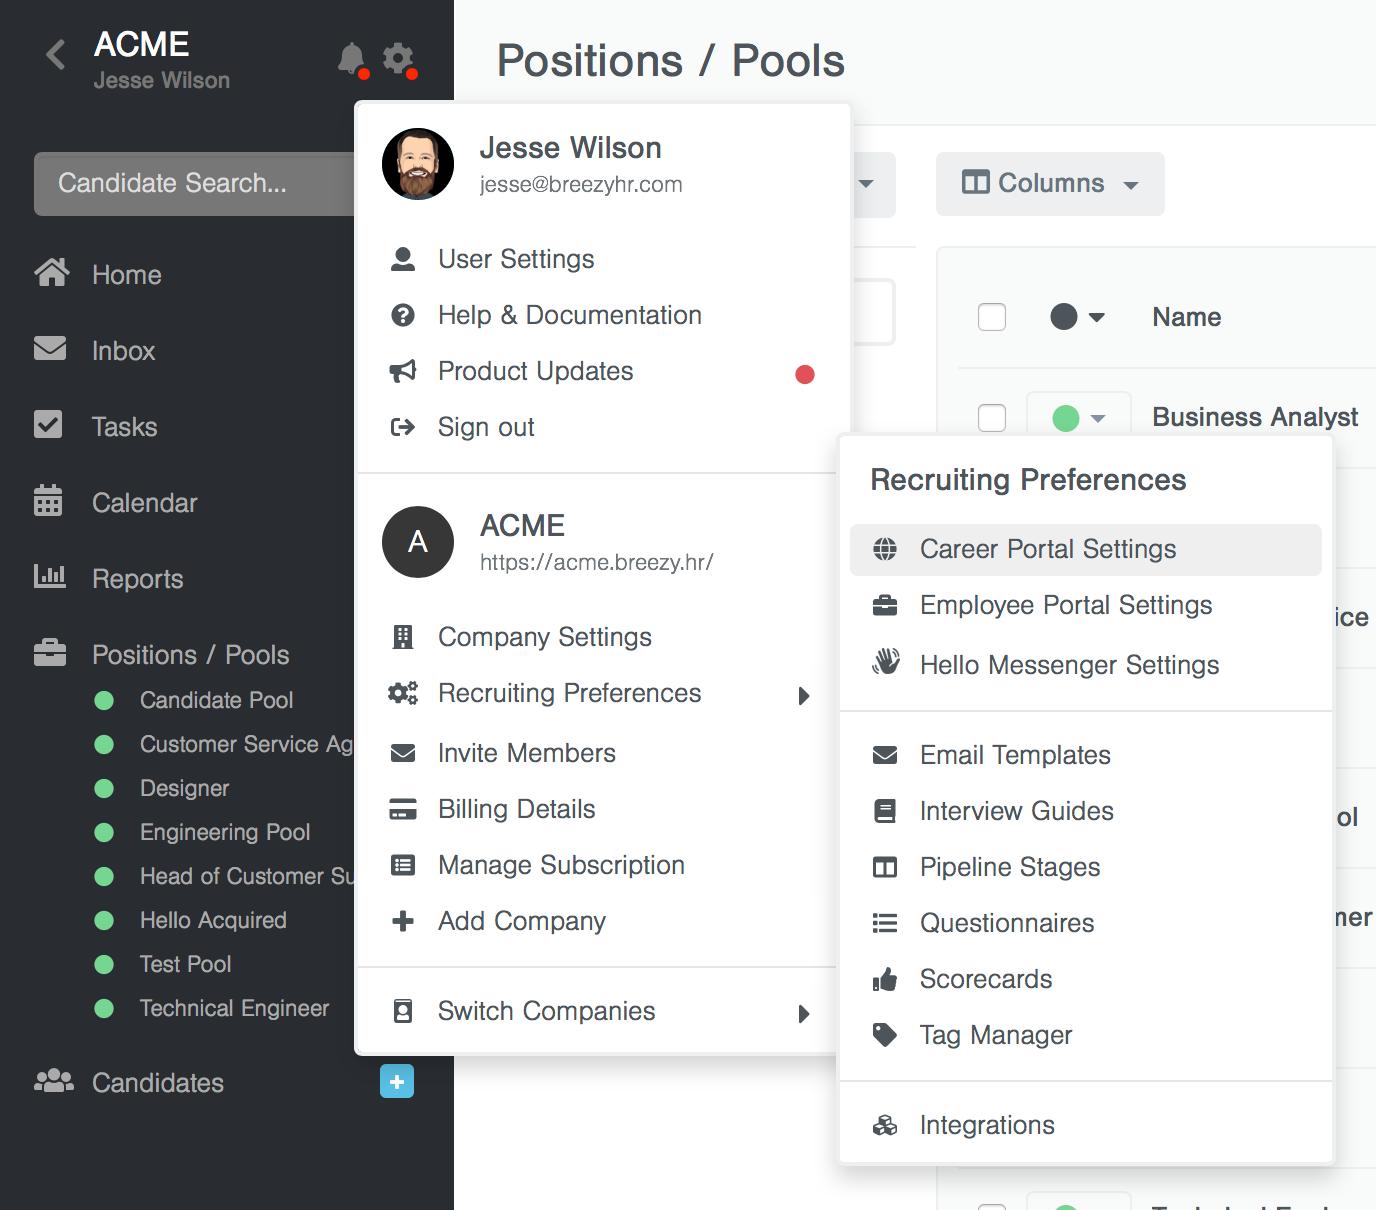 Customizing your Career Portal